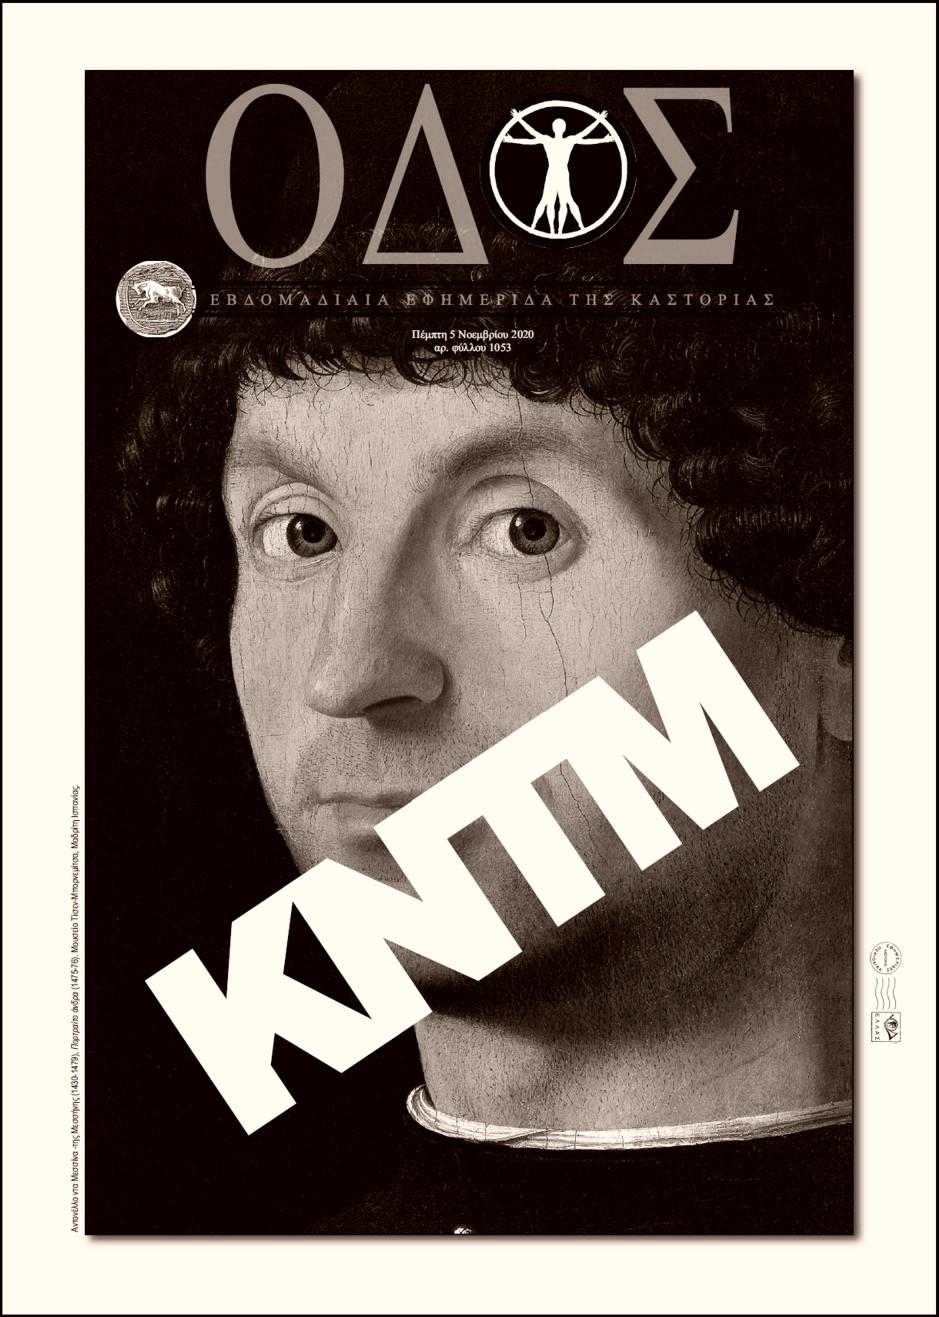 ΟΔΟΣ: KNTM